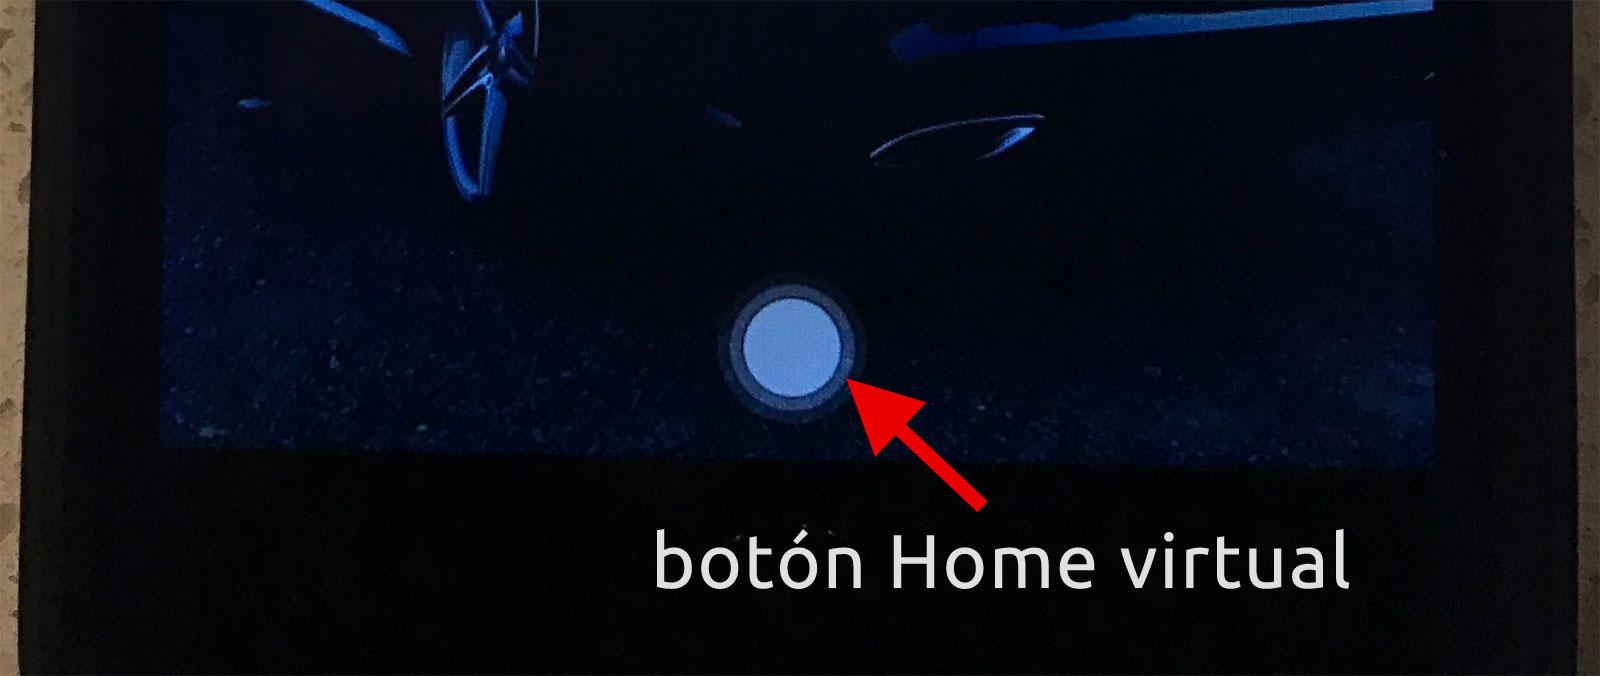 Botón Home virtual